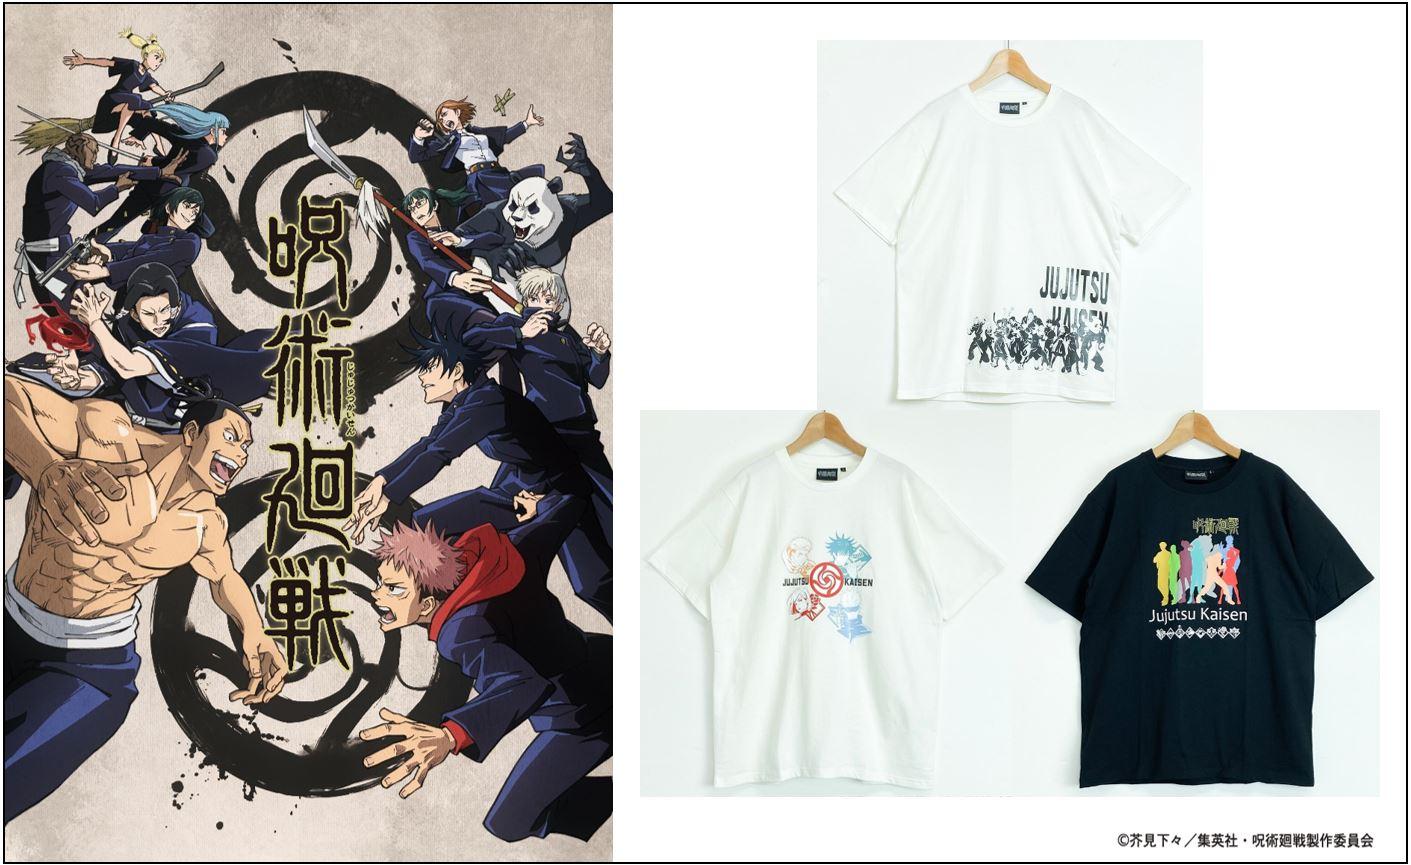 イオンと呪術廻戦のコラボTシャツ全種類一覧